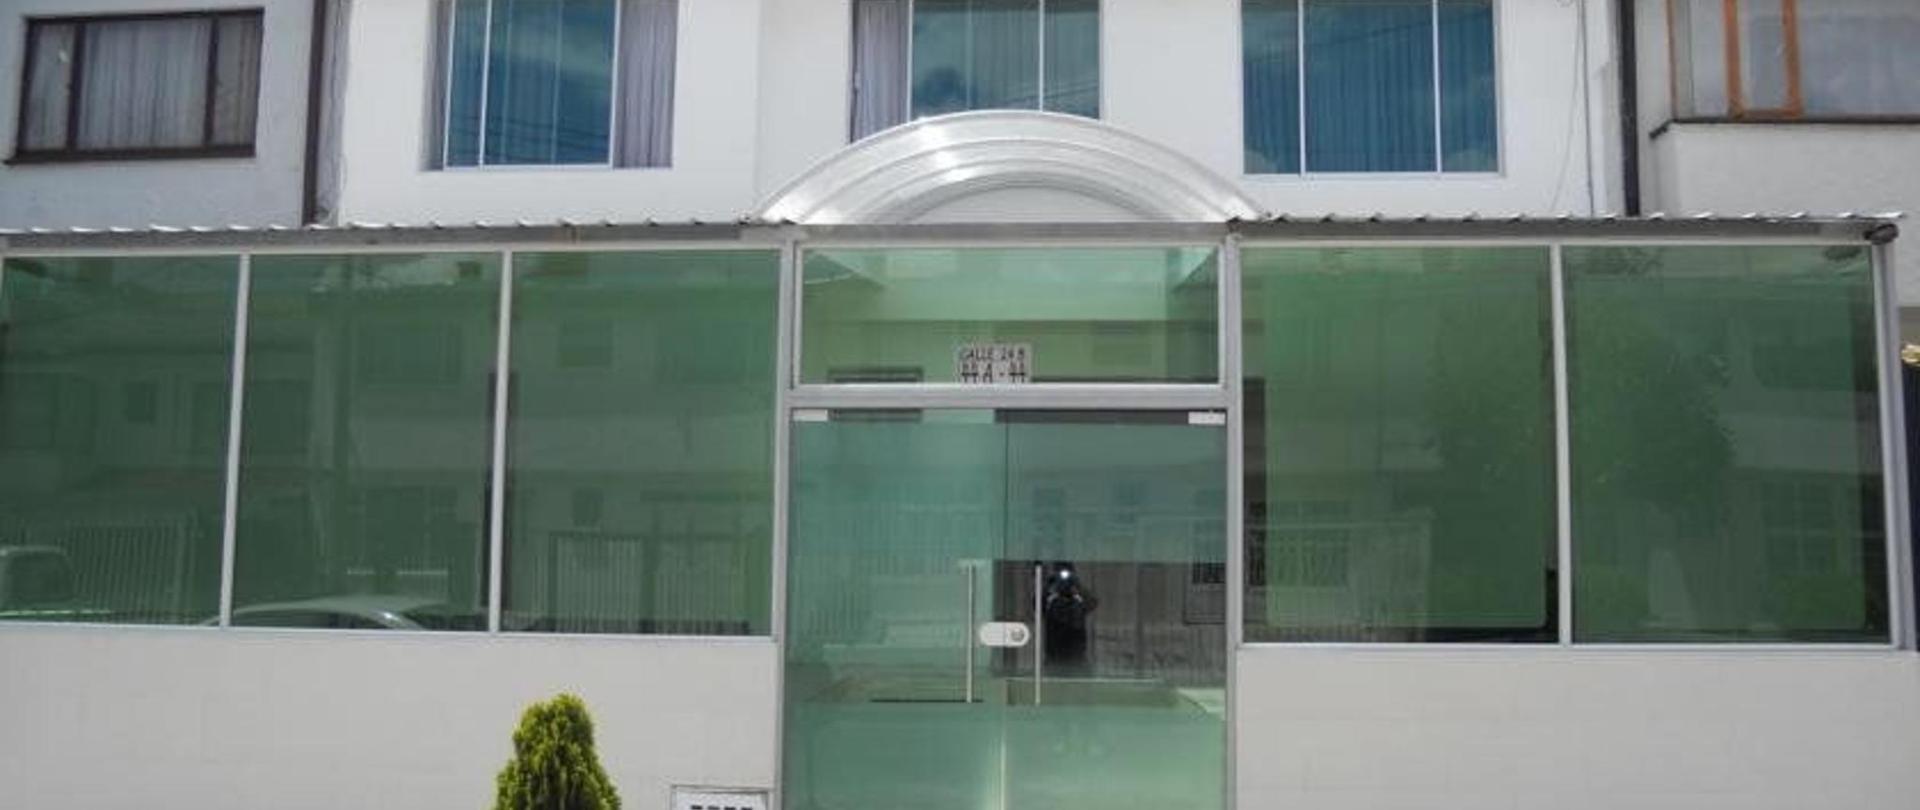 hotel-expo-inn-bogota-3.jpg